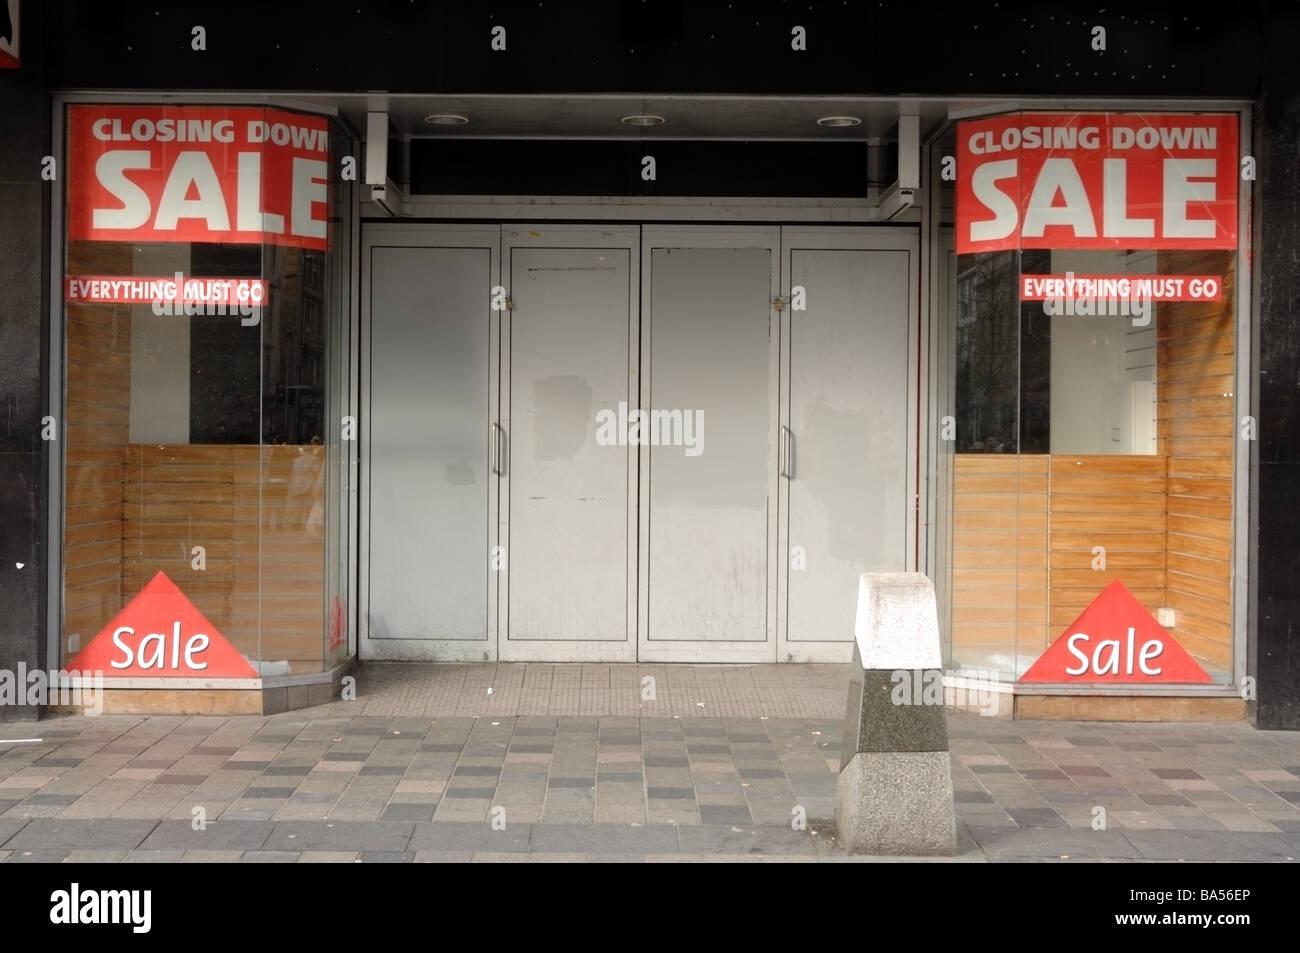 Fotografía de comercio minorista que ha cerrado debido a la recesión y la crisis crediticia. Se muestran señales de venta y precintadas. Foto de stock